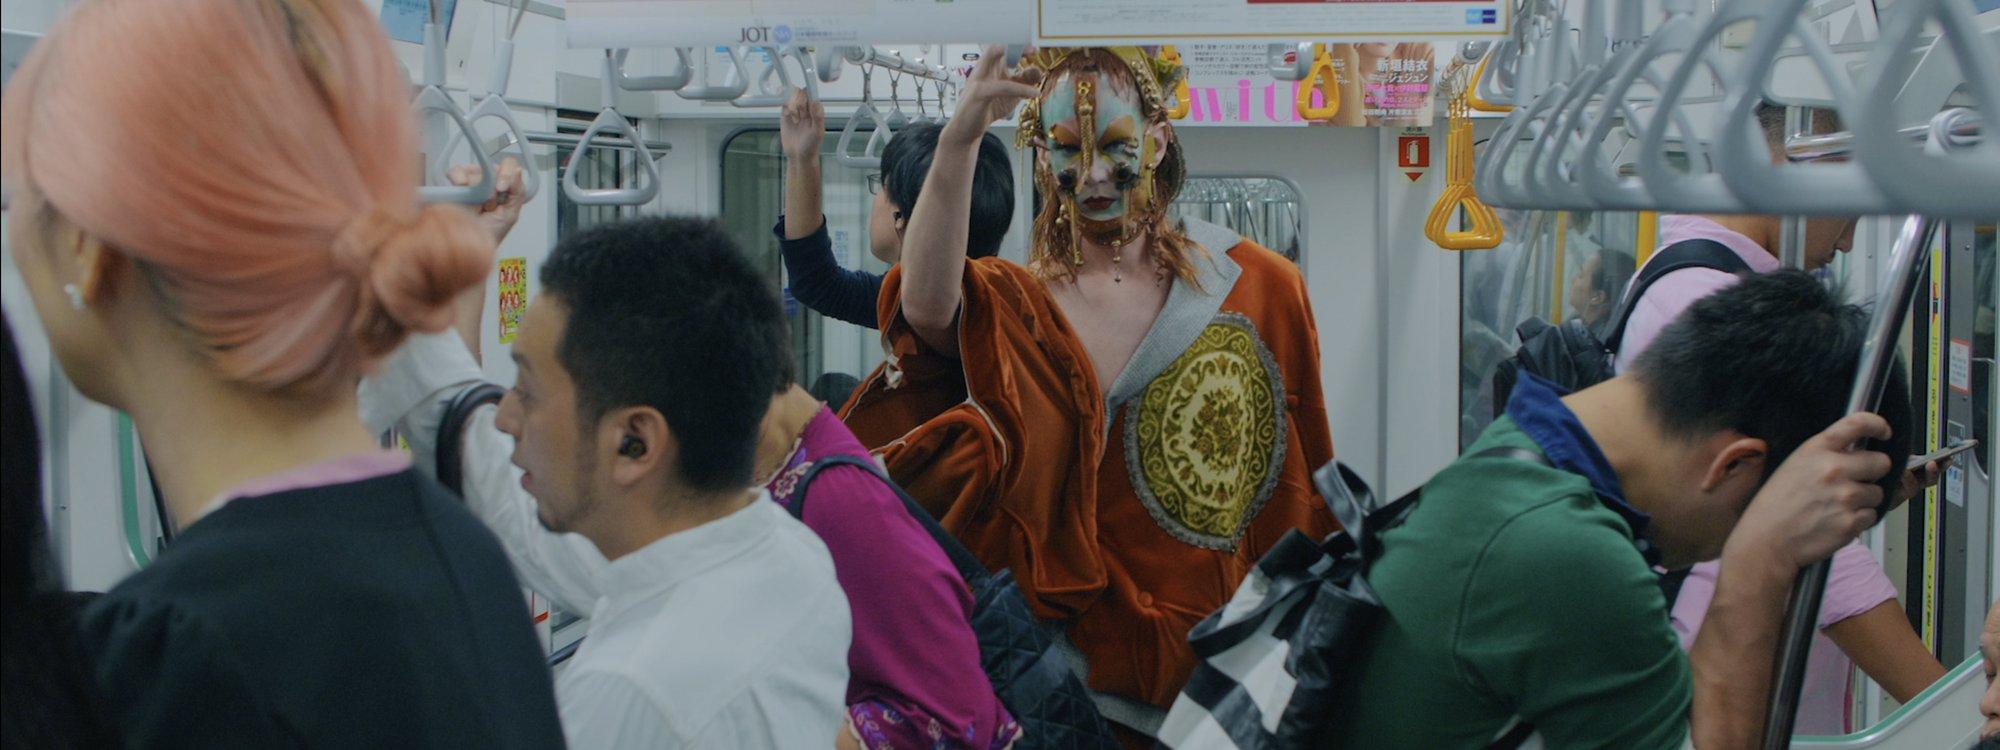 Lyle XOX in Japan Subway